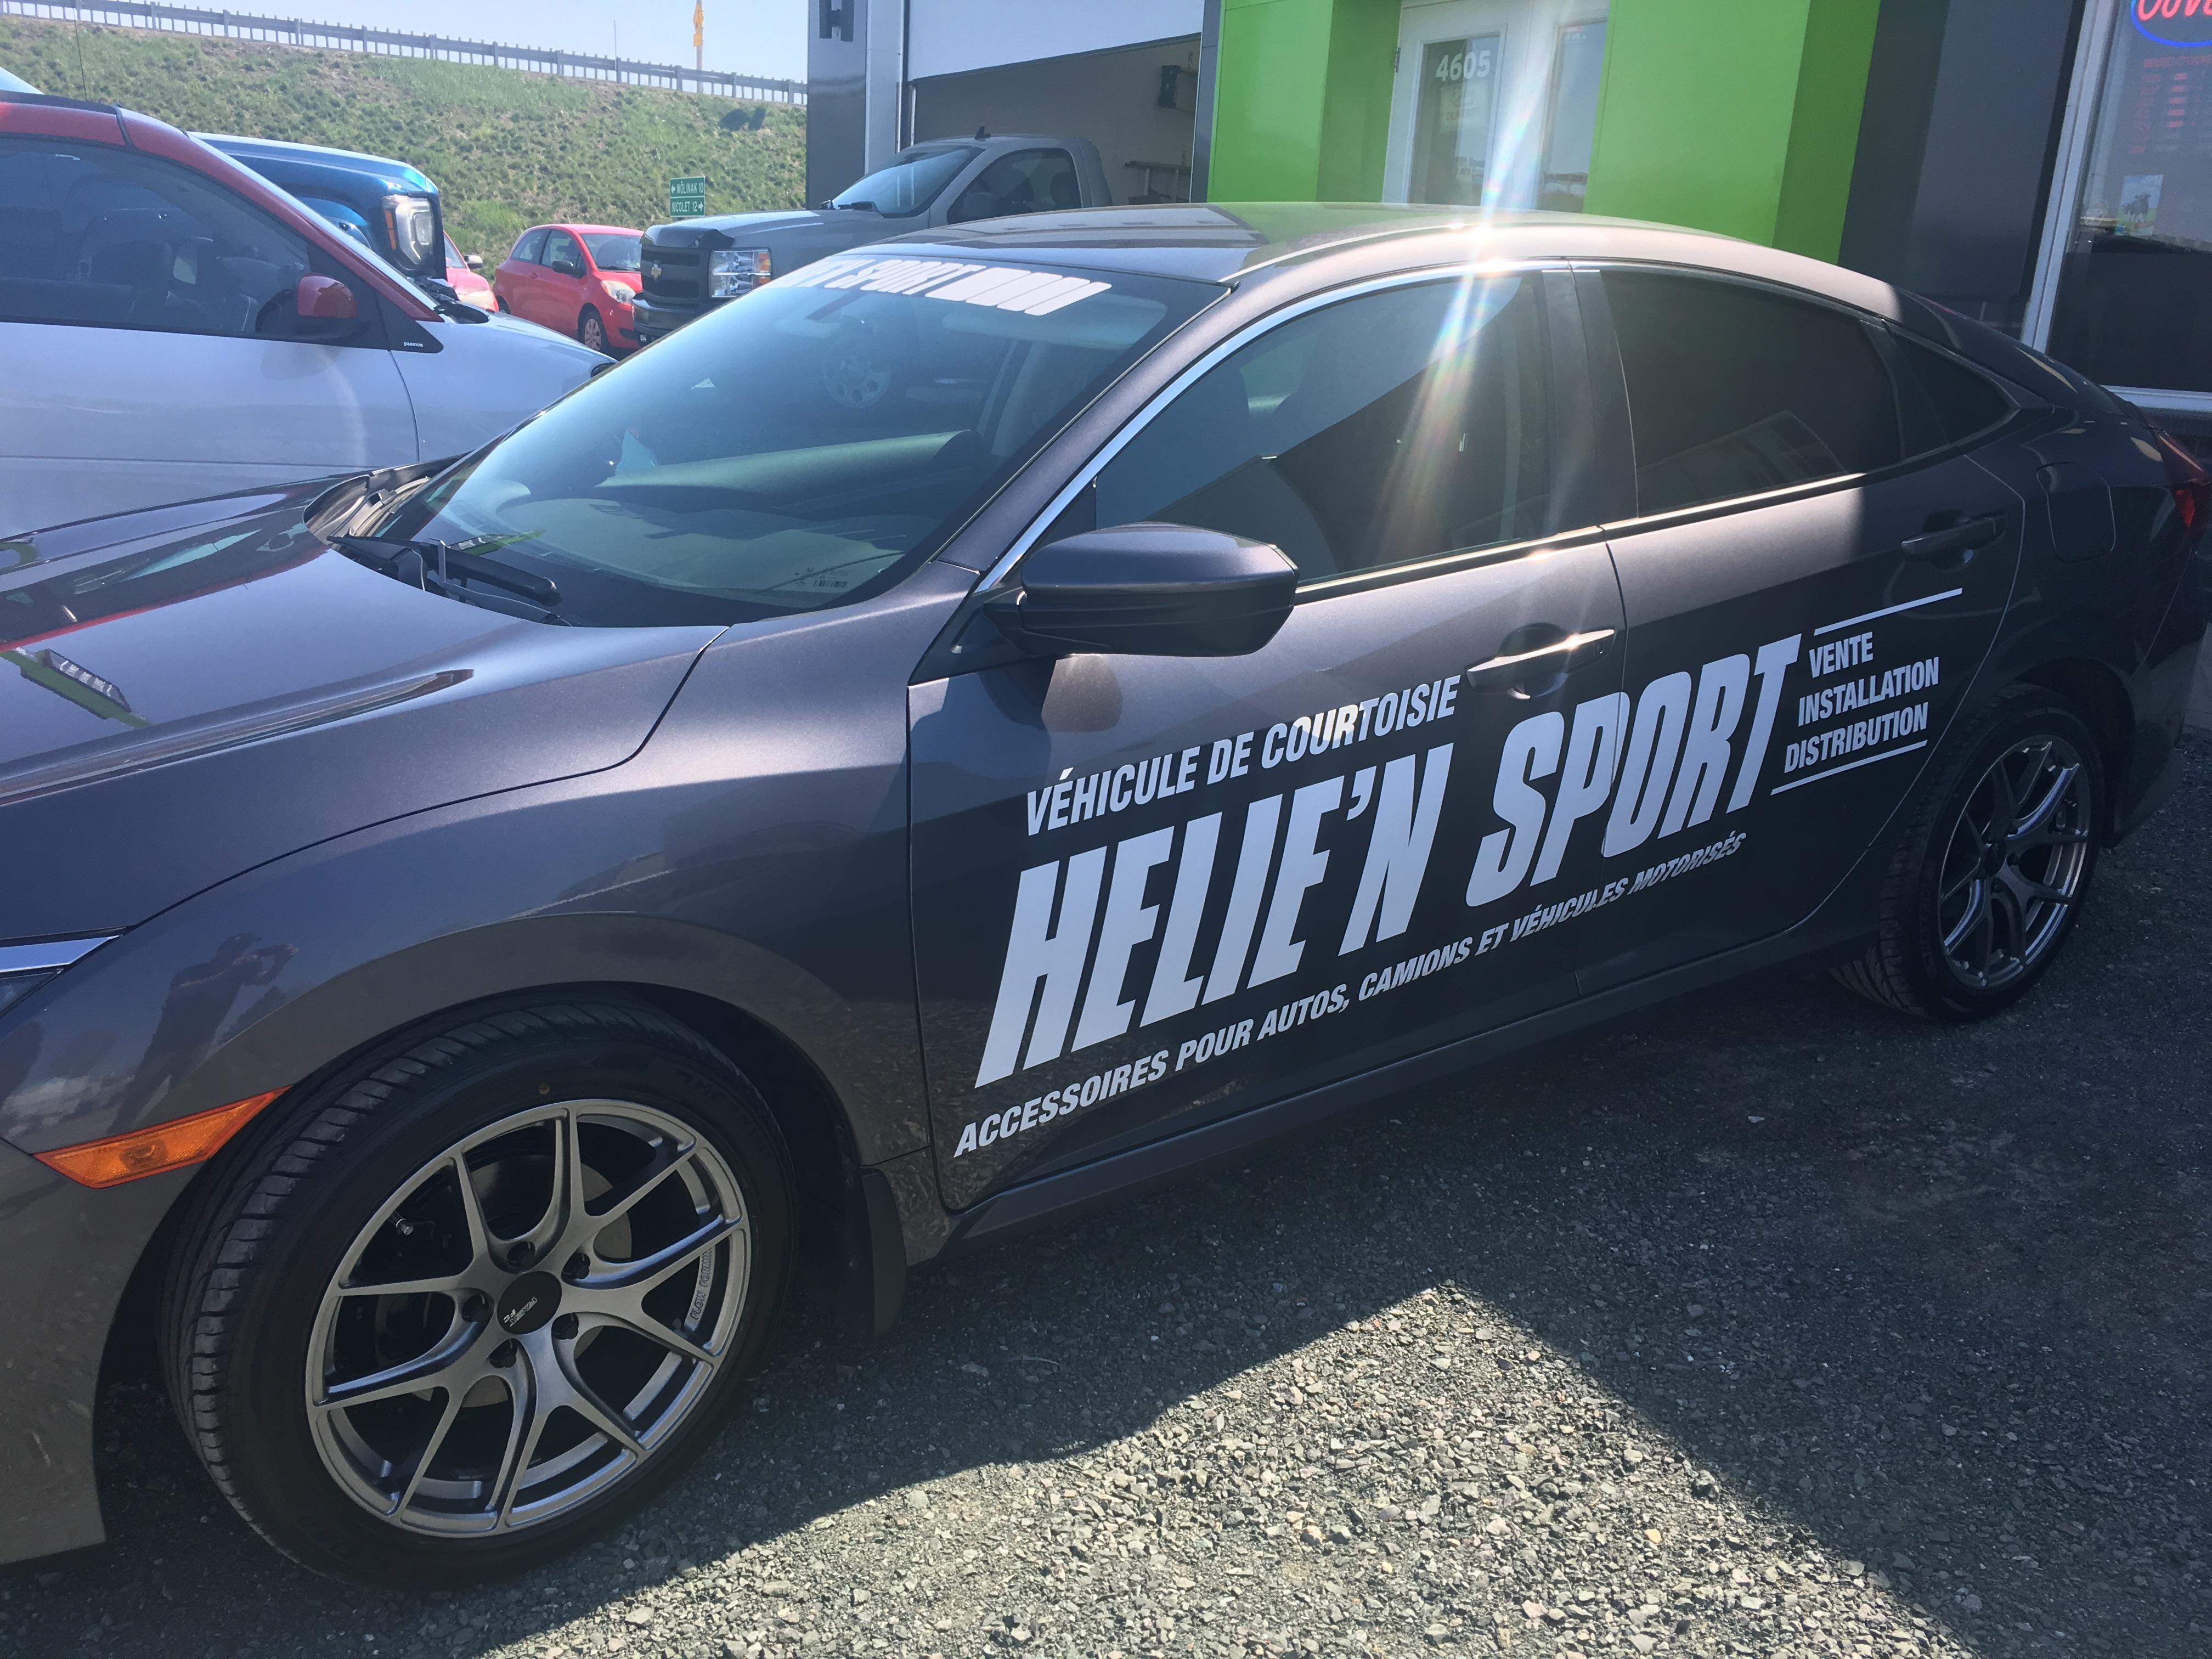 helie-n-sport-lettrage-vehicule-courtoisie